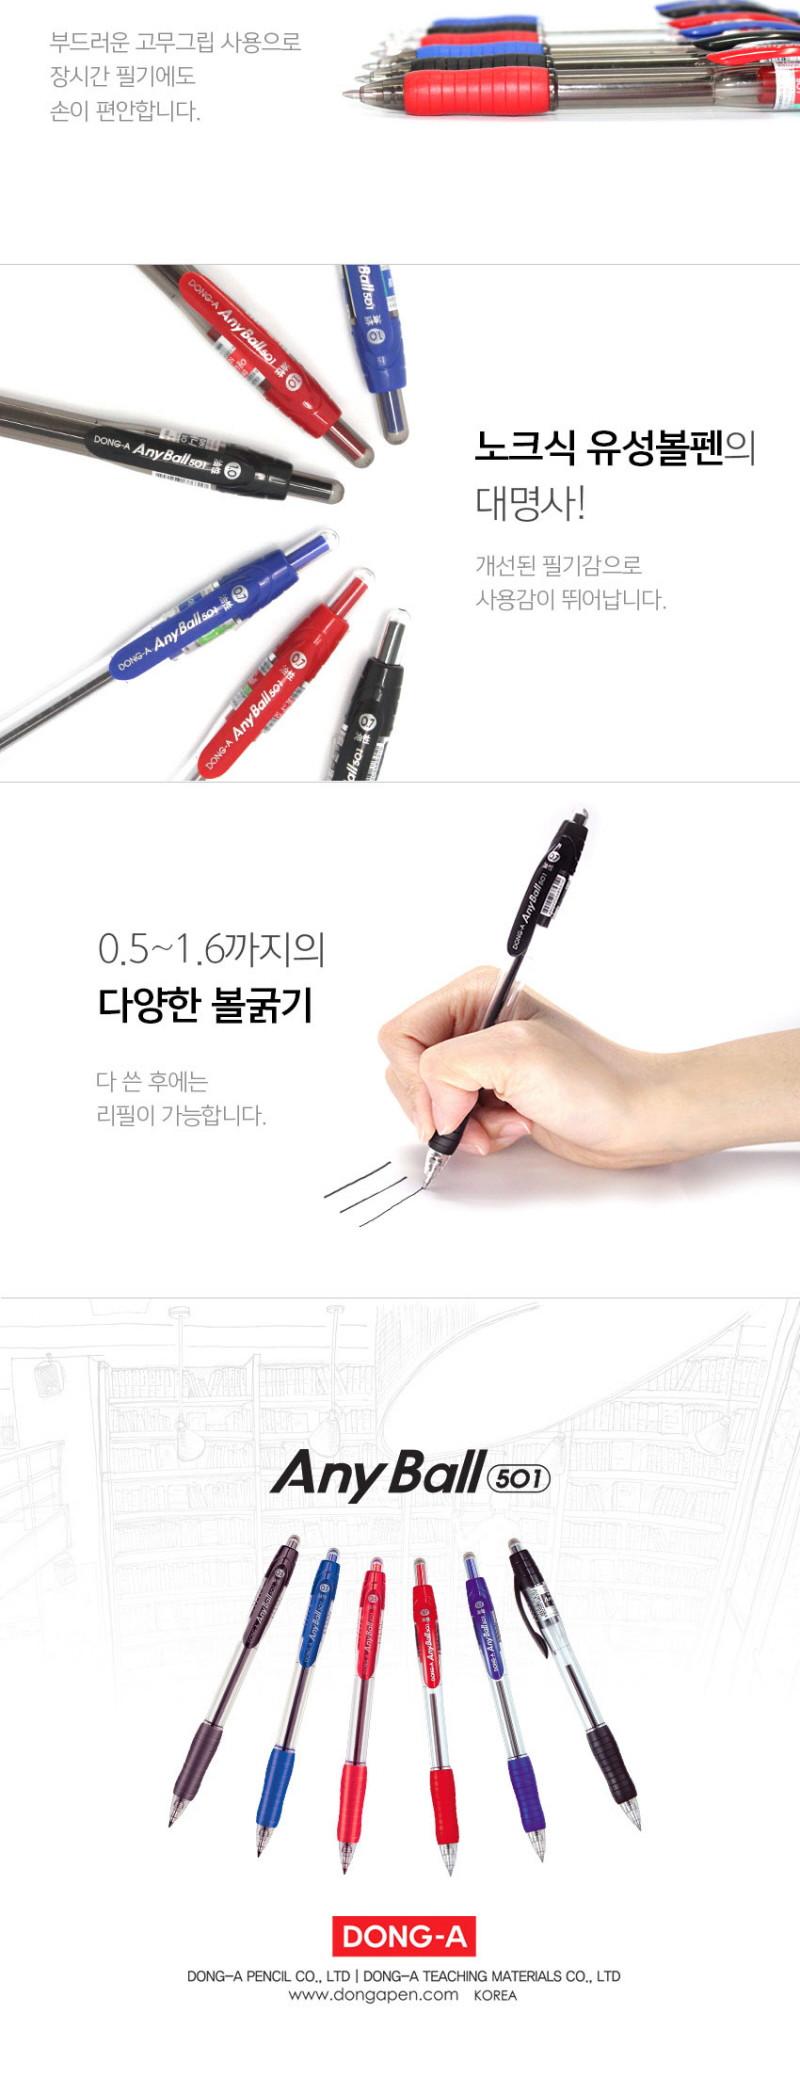 동아)애니볼501(1.6mm 청)-다스(12개입) 볼펜 필기볼 볼펜 필기볼펜 펜 문구펜 글씨볼펜